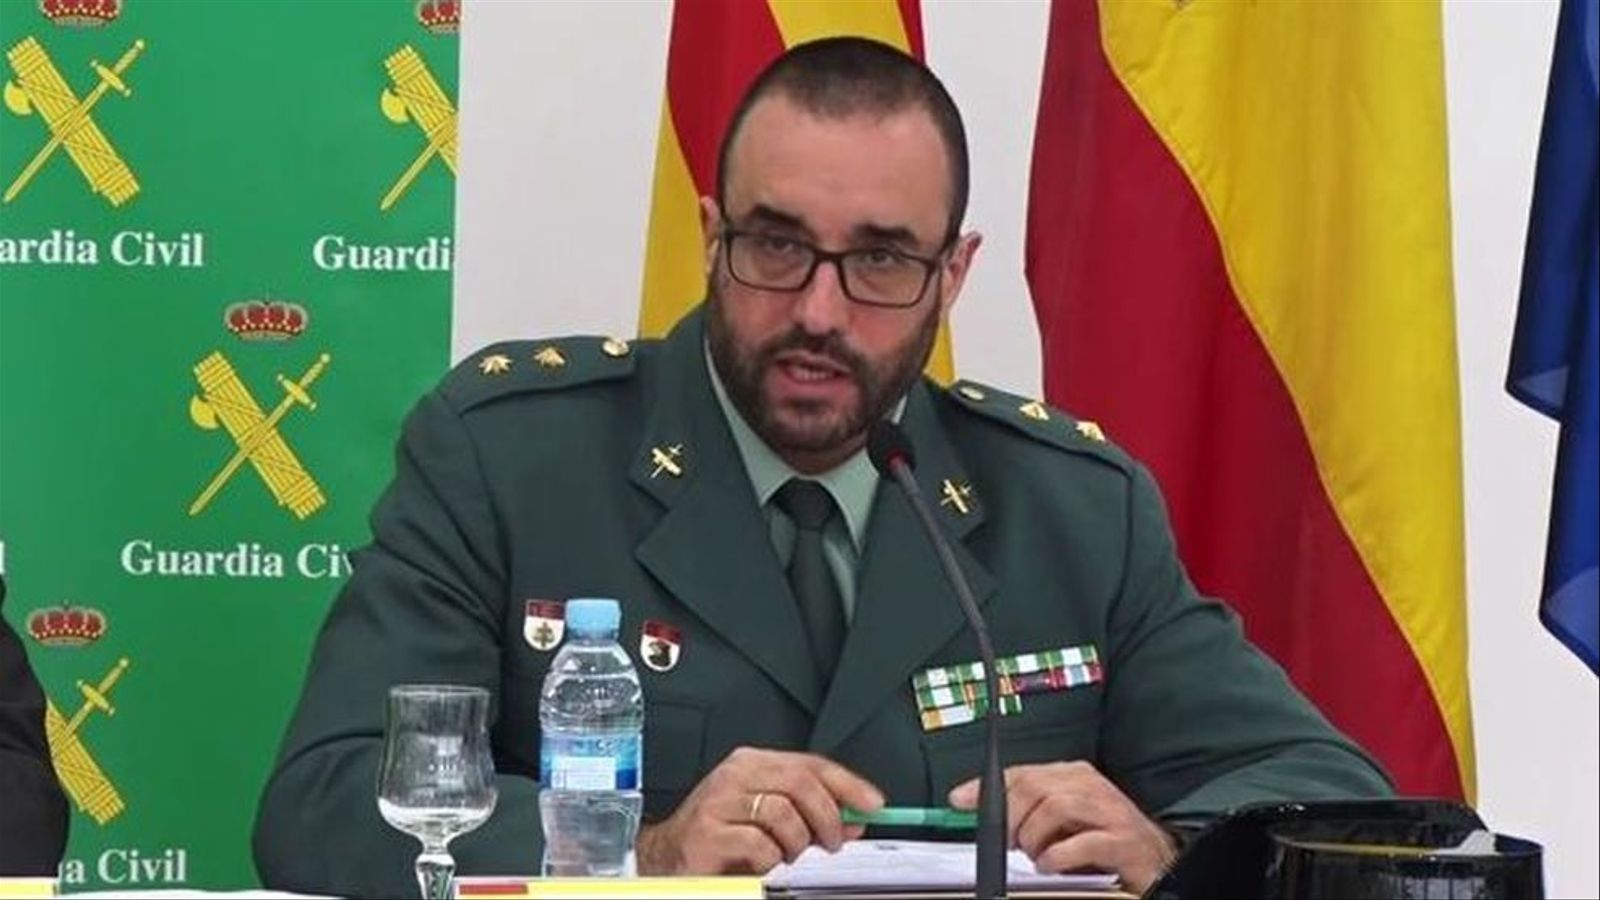 El cap policial que investiga el Procés carrega contra polítics i Mossos amb un perfil ocult a Twitter